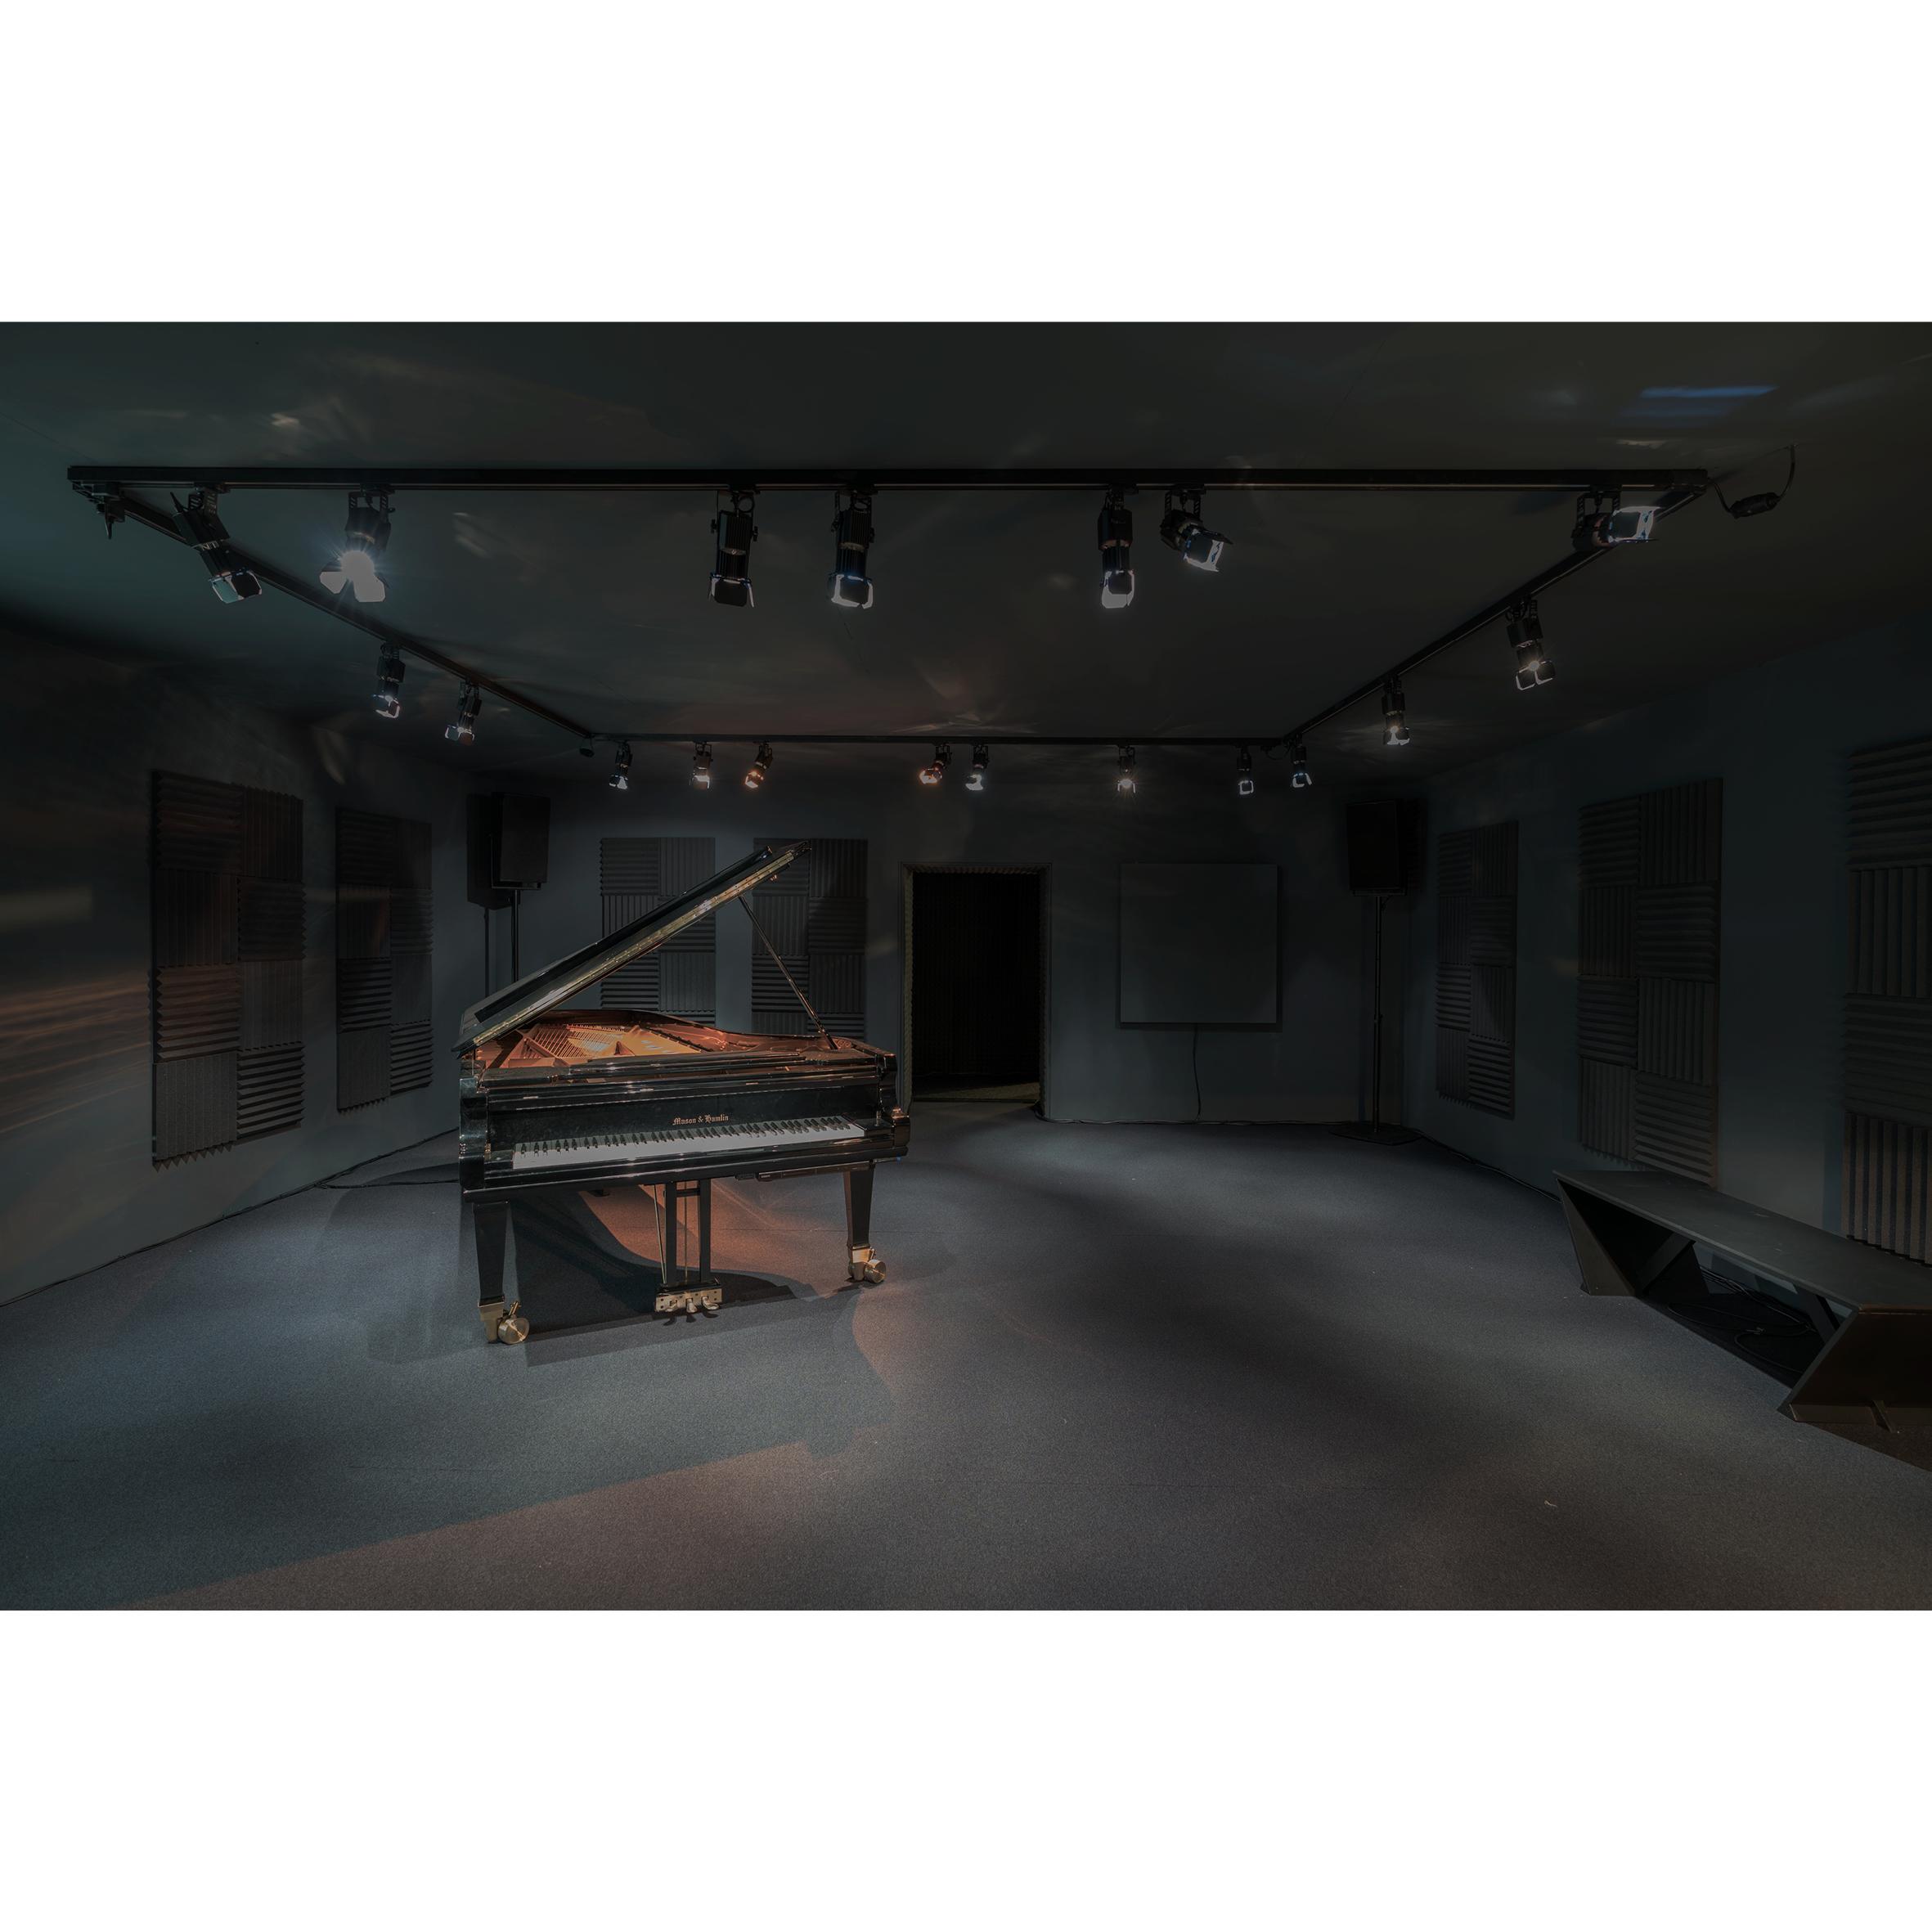 <p>Rana Hamadeh presenteert in een pikzwarte ruimte haar operaproject, en laat dit vergezeld gaan van indringende muzikale klanken Beeld Sanne van Hecke</p>